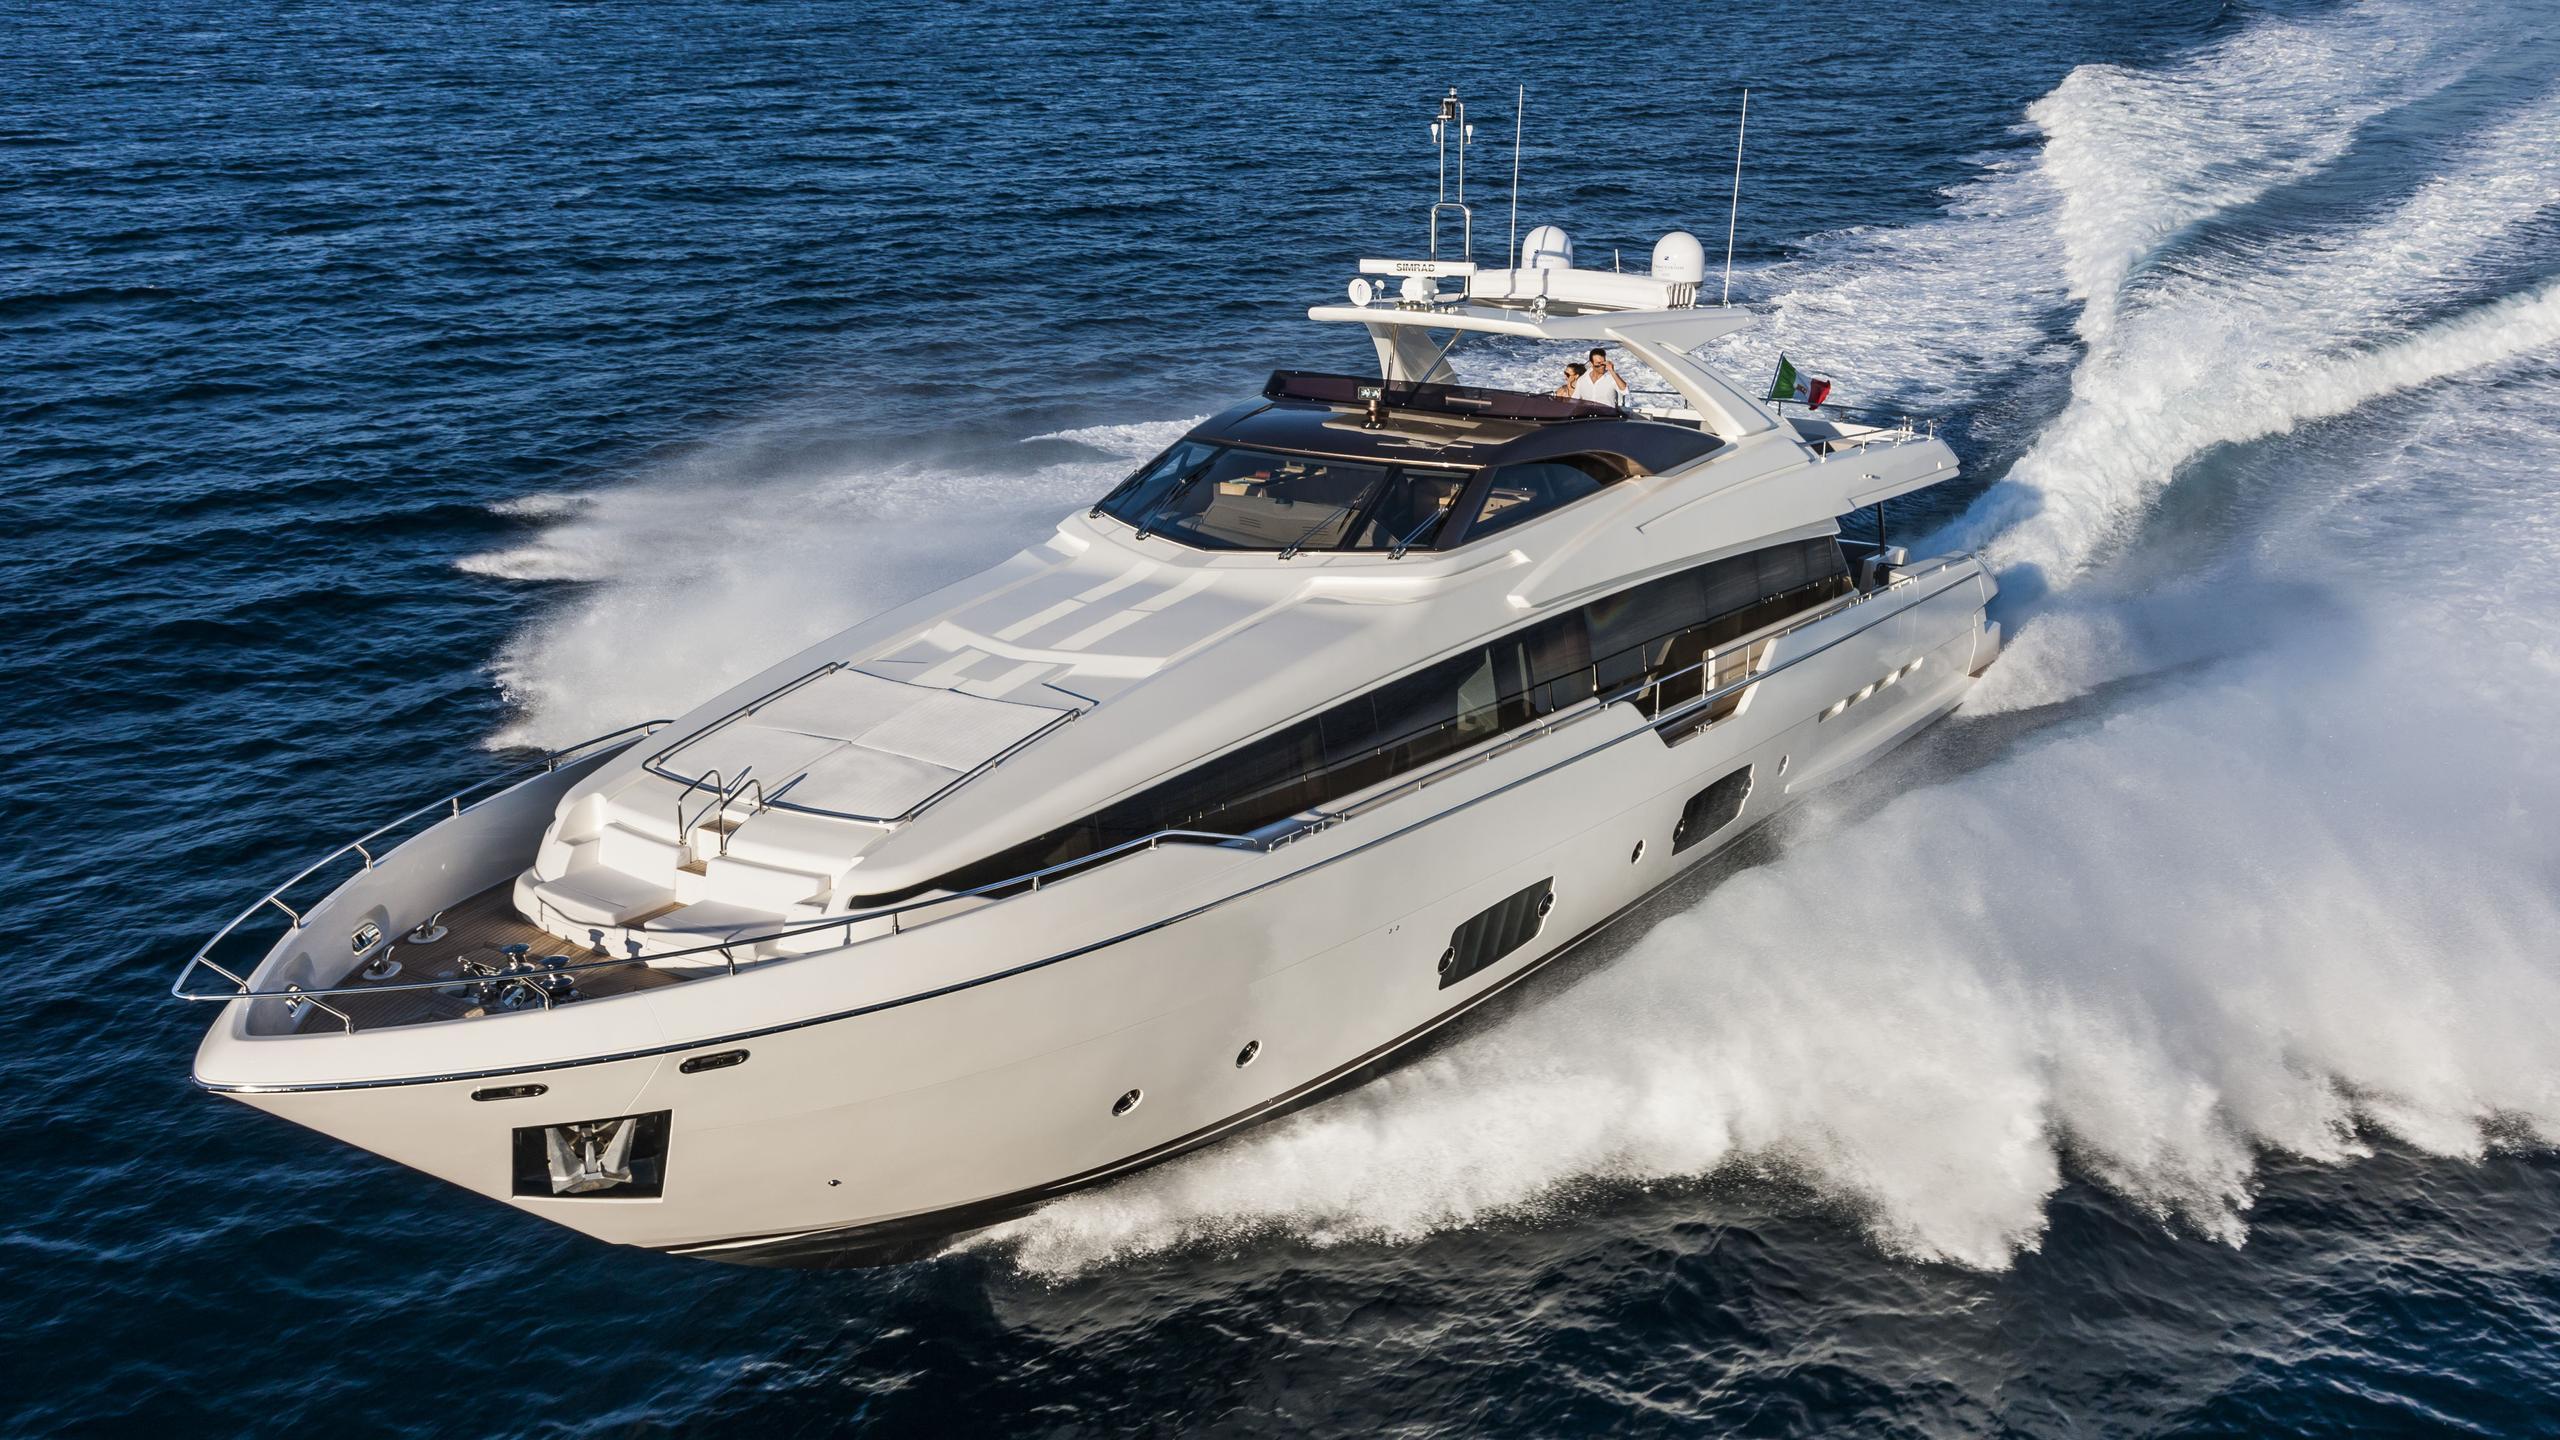 pura-vida-ferretti-2014-motor-yacht-29m-cruising-sistership